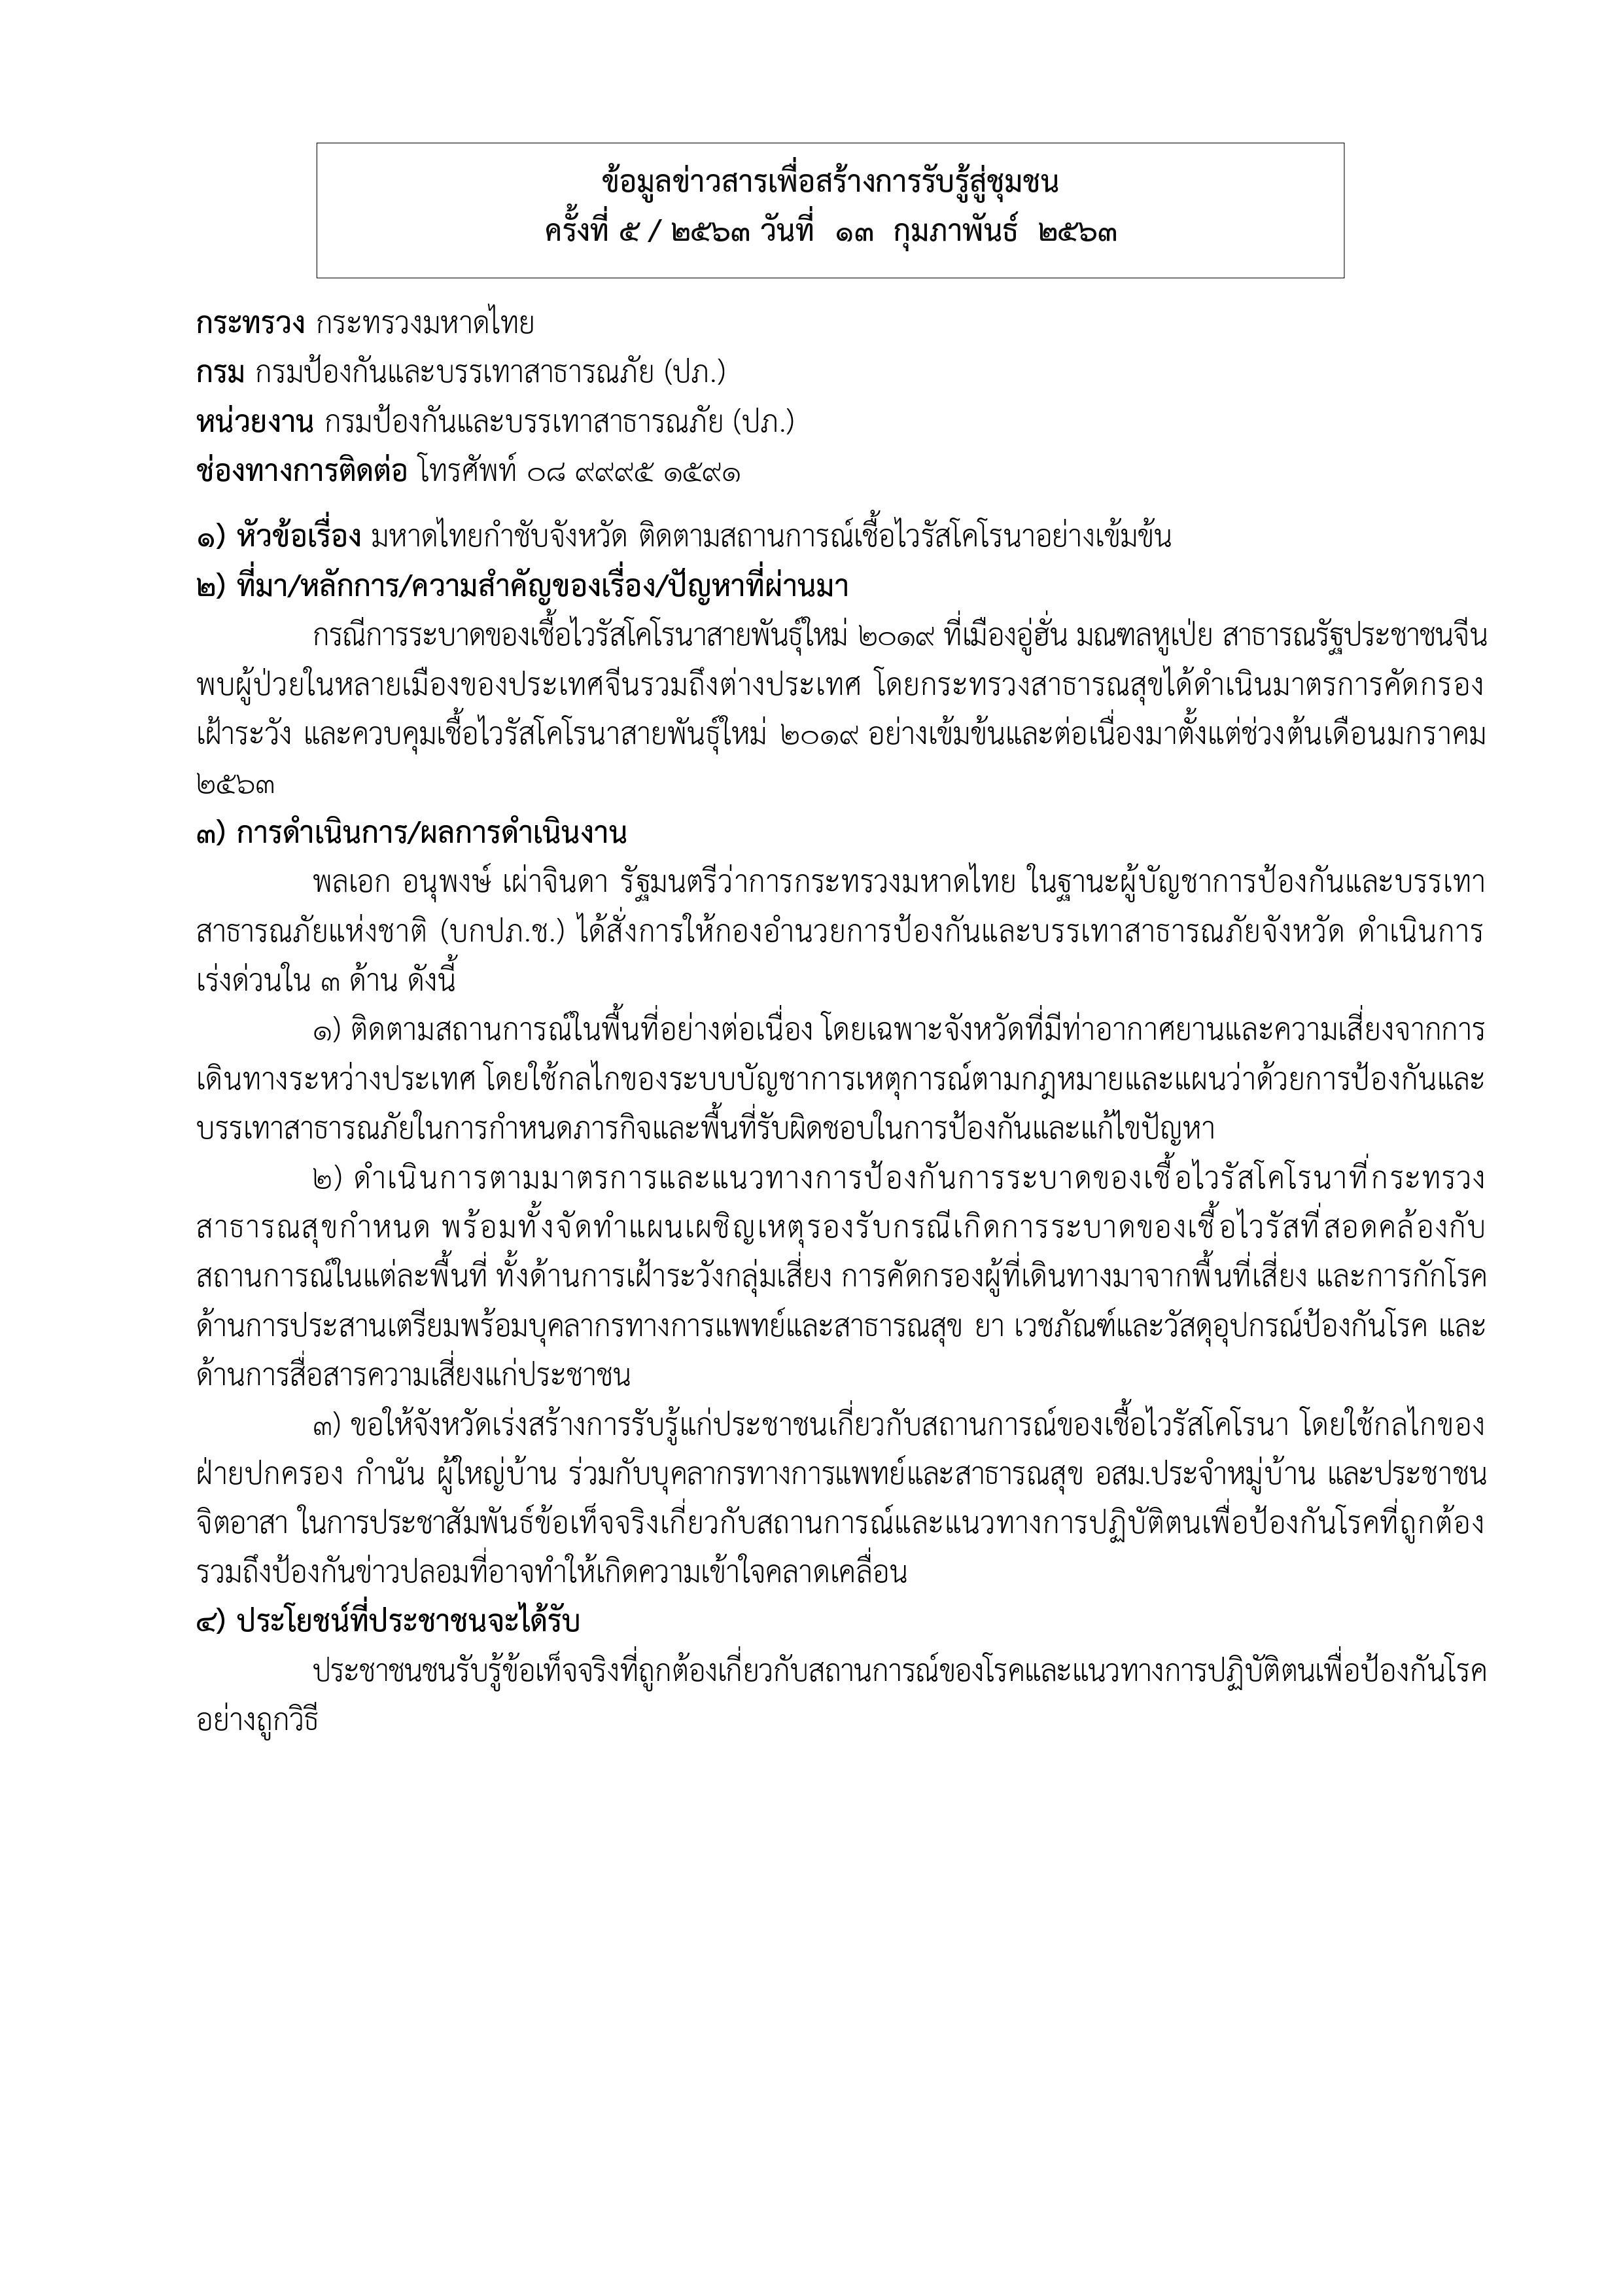 กระทรวงมหาดไทย - กำชับจังหวัดติดตามสถานการณ์เชื้อไวรัสโคโรน่าอย่างเข้มข้น